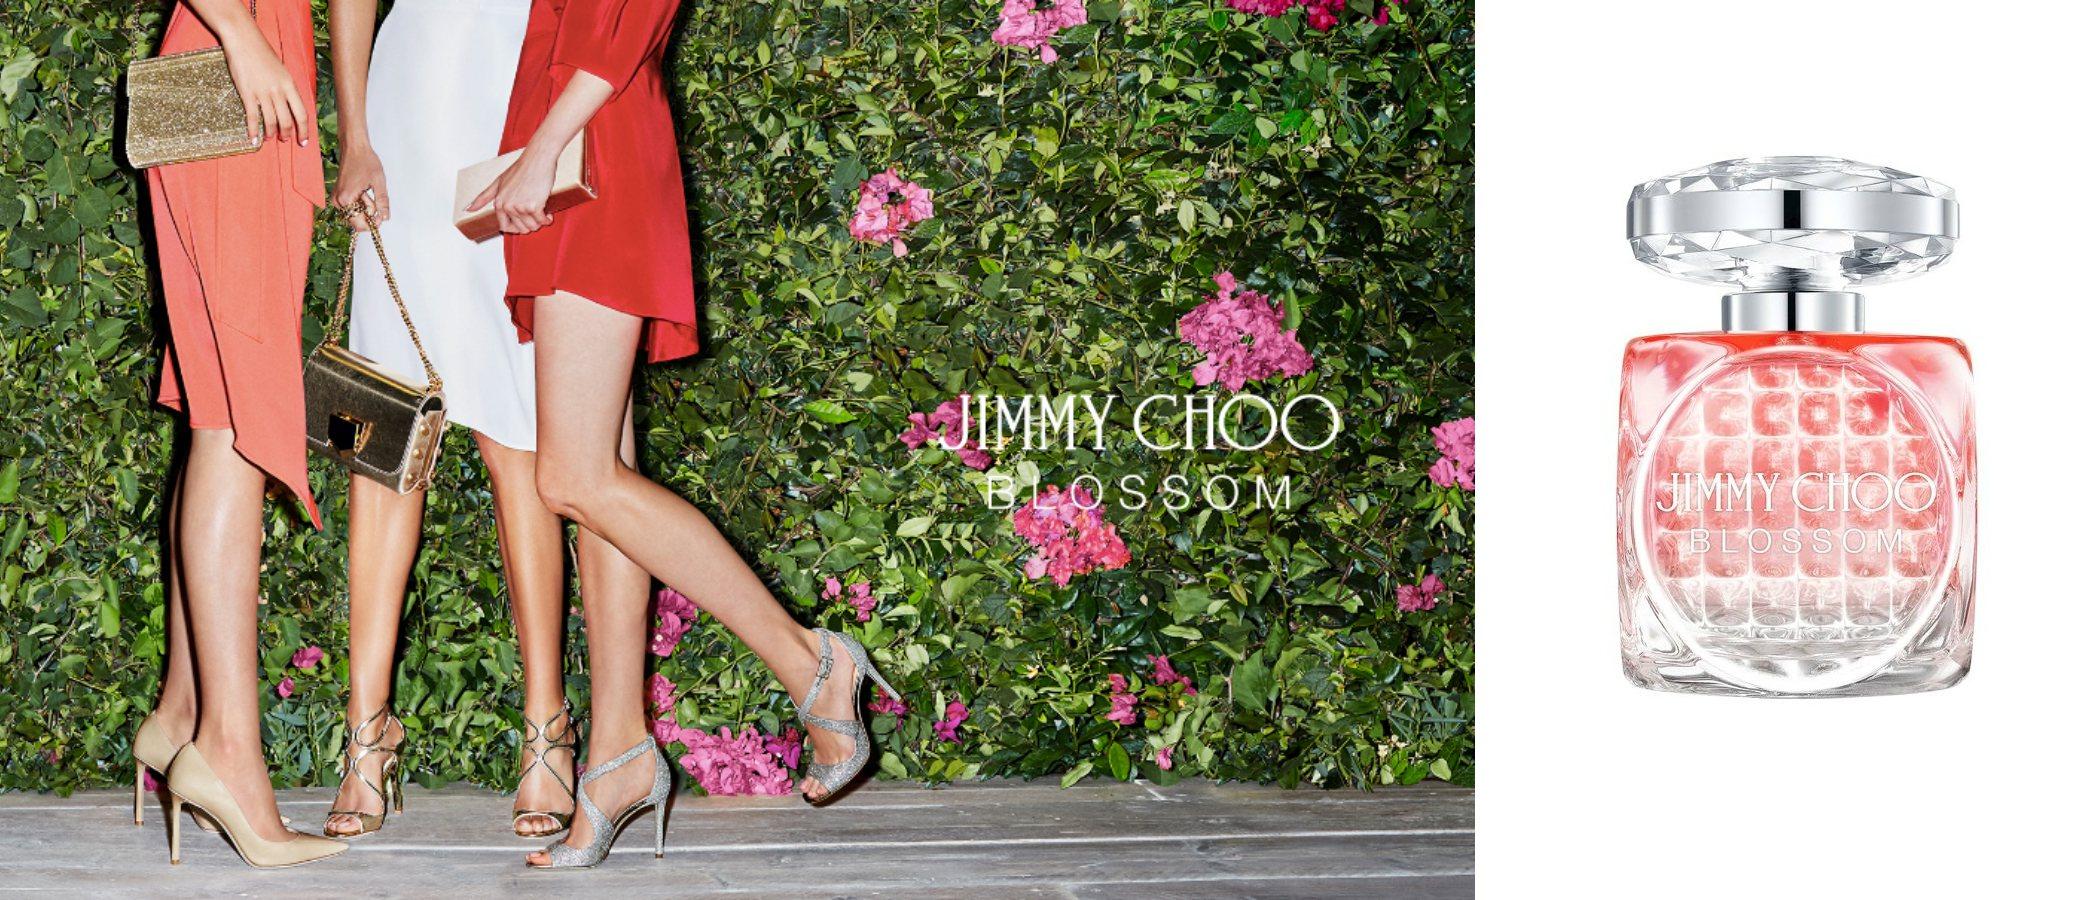 Jimmy Choo presenta 'Blossom Special Edition', la nueva versión de su perfume 'Blossom'